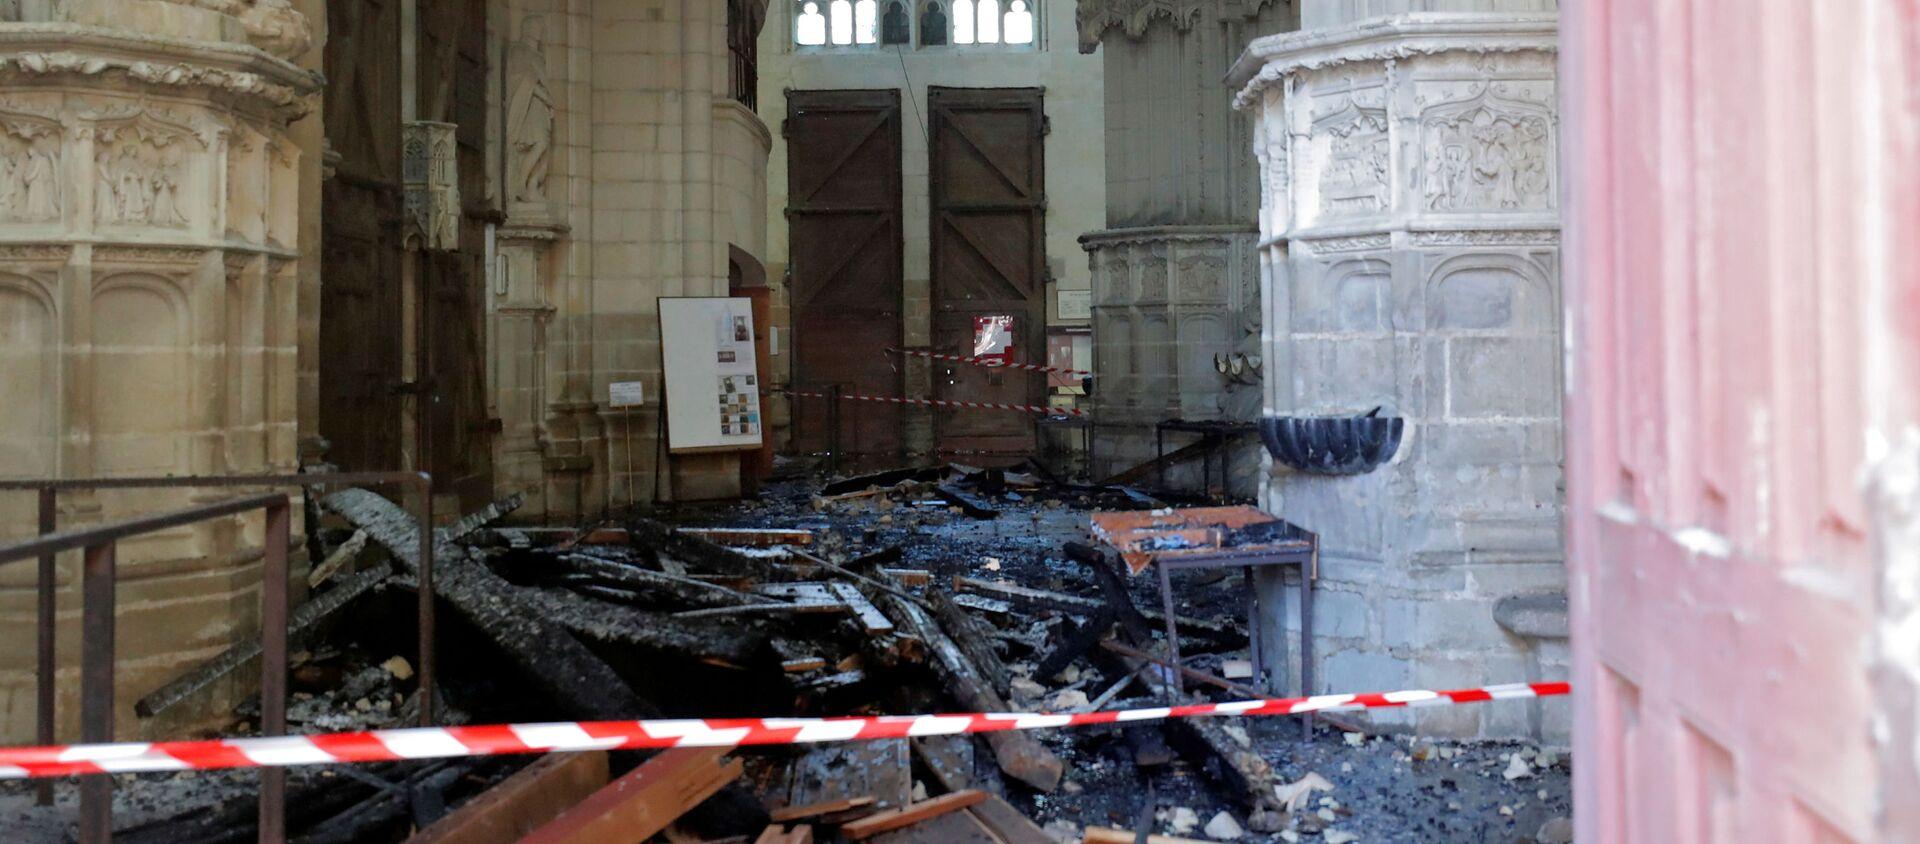 Las consecuencias del incendio en la catedral de Nantes, Francia - Sputnik Mundo, 1920, 18.07.2020